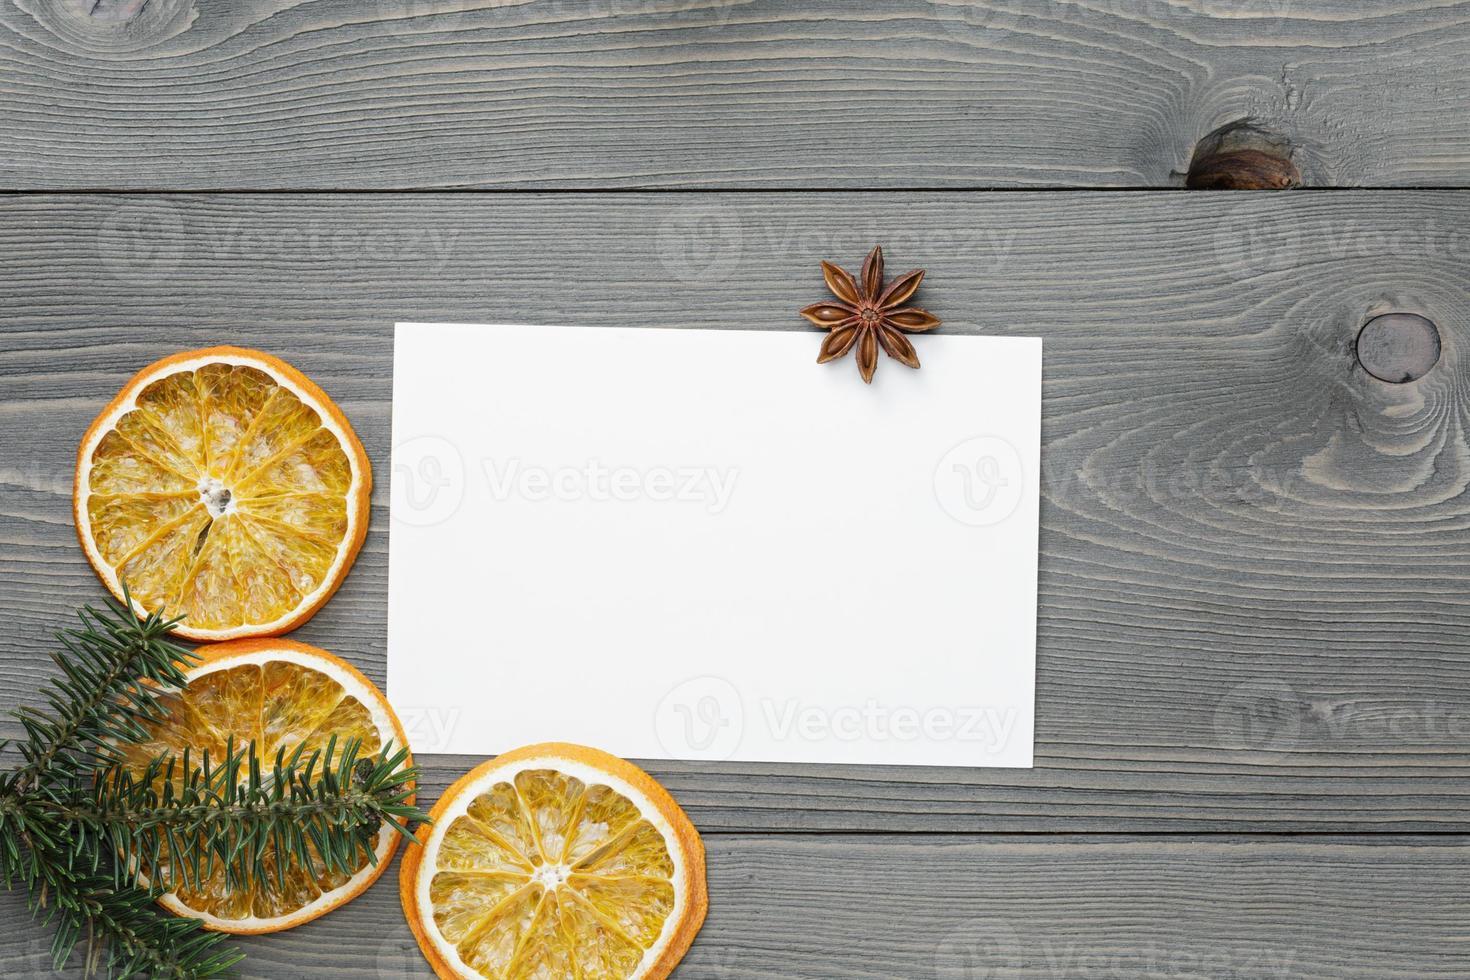 Fichtenzweig mit getrockneten Orangenscheiben und Grußkarte foto